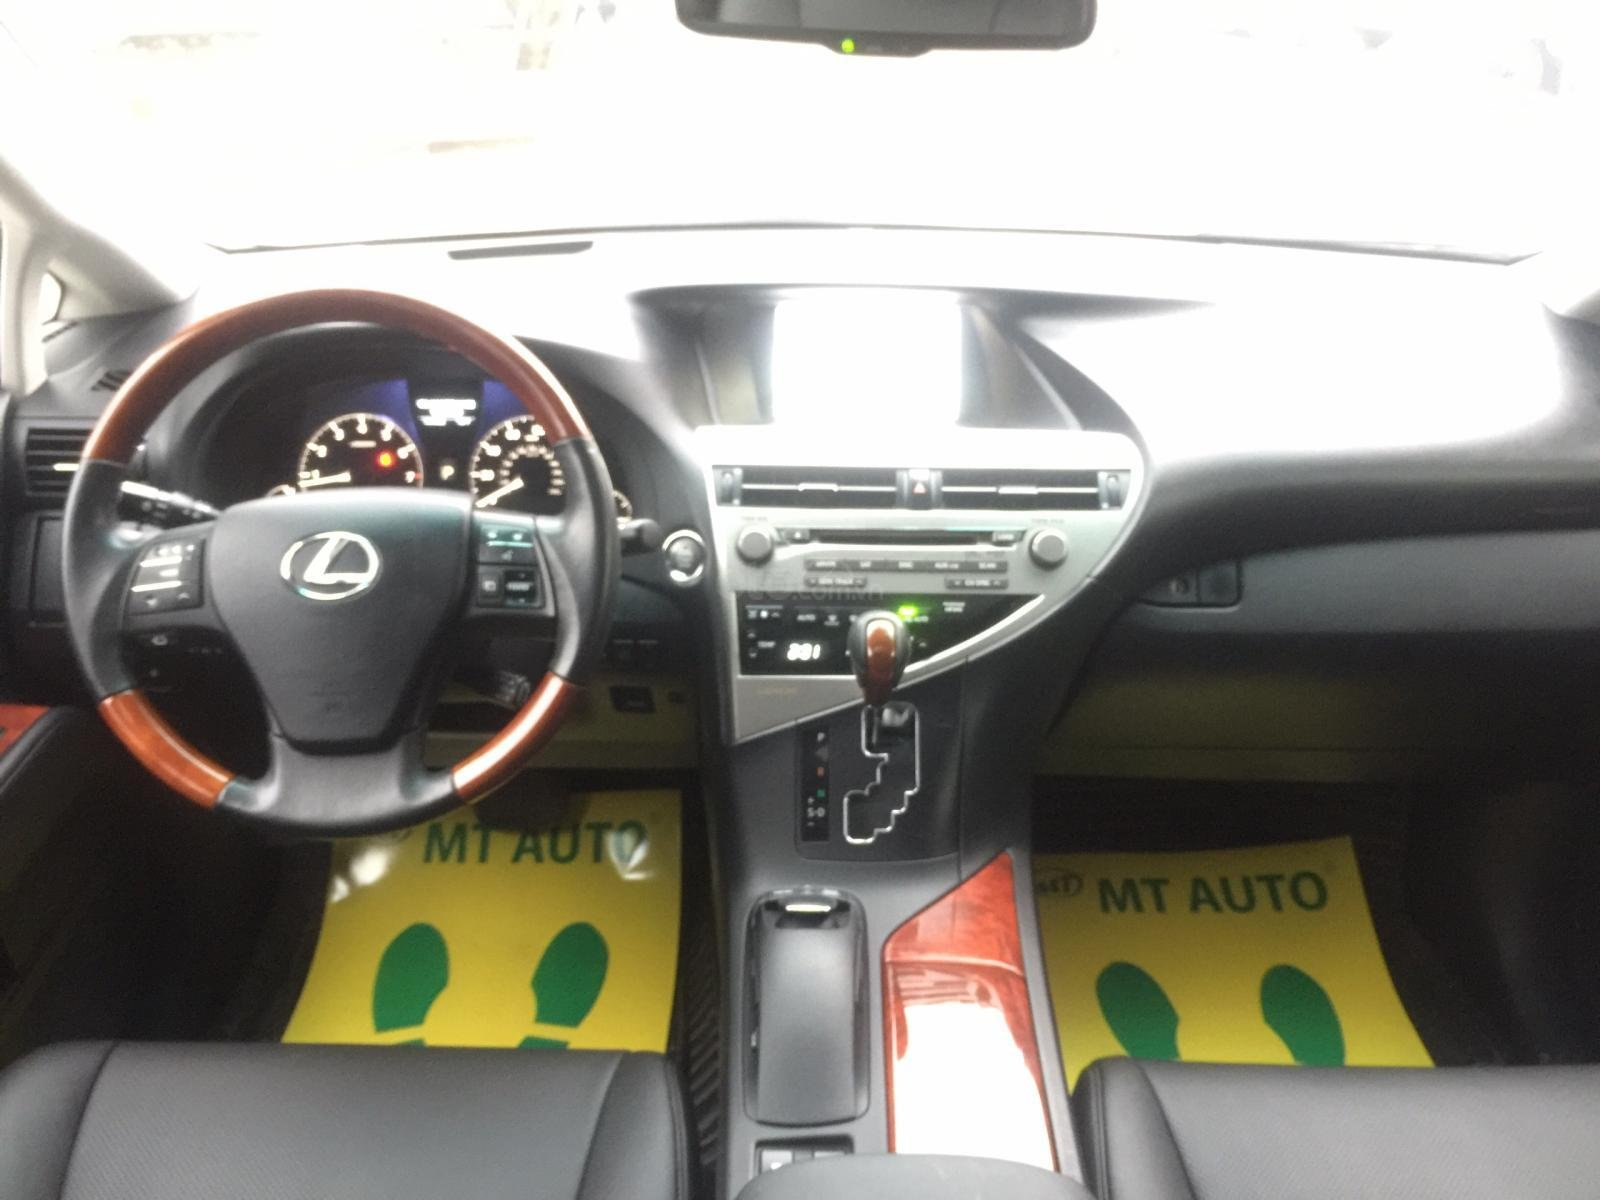 MT Auto bán Lexus RX 350 đời 2012, màu xám (ghi), nhập khẩu nguyên chiếc, LH e Hương 0945392468-12